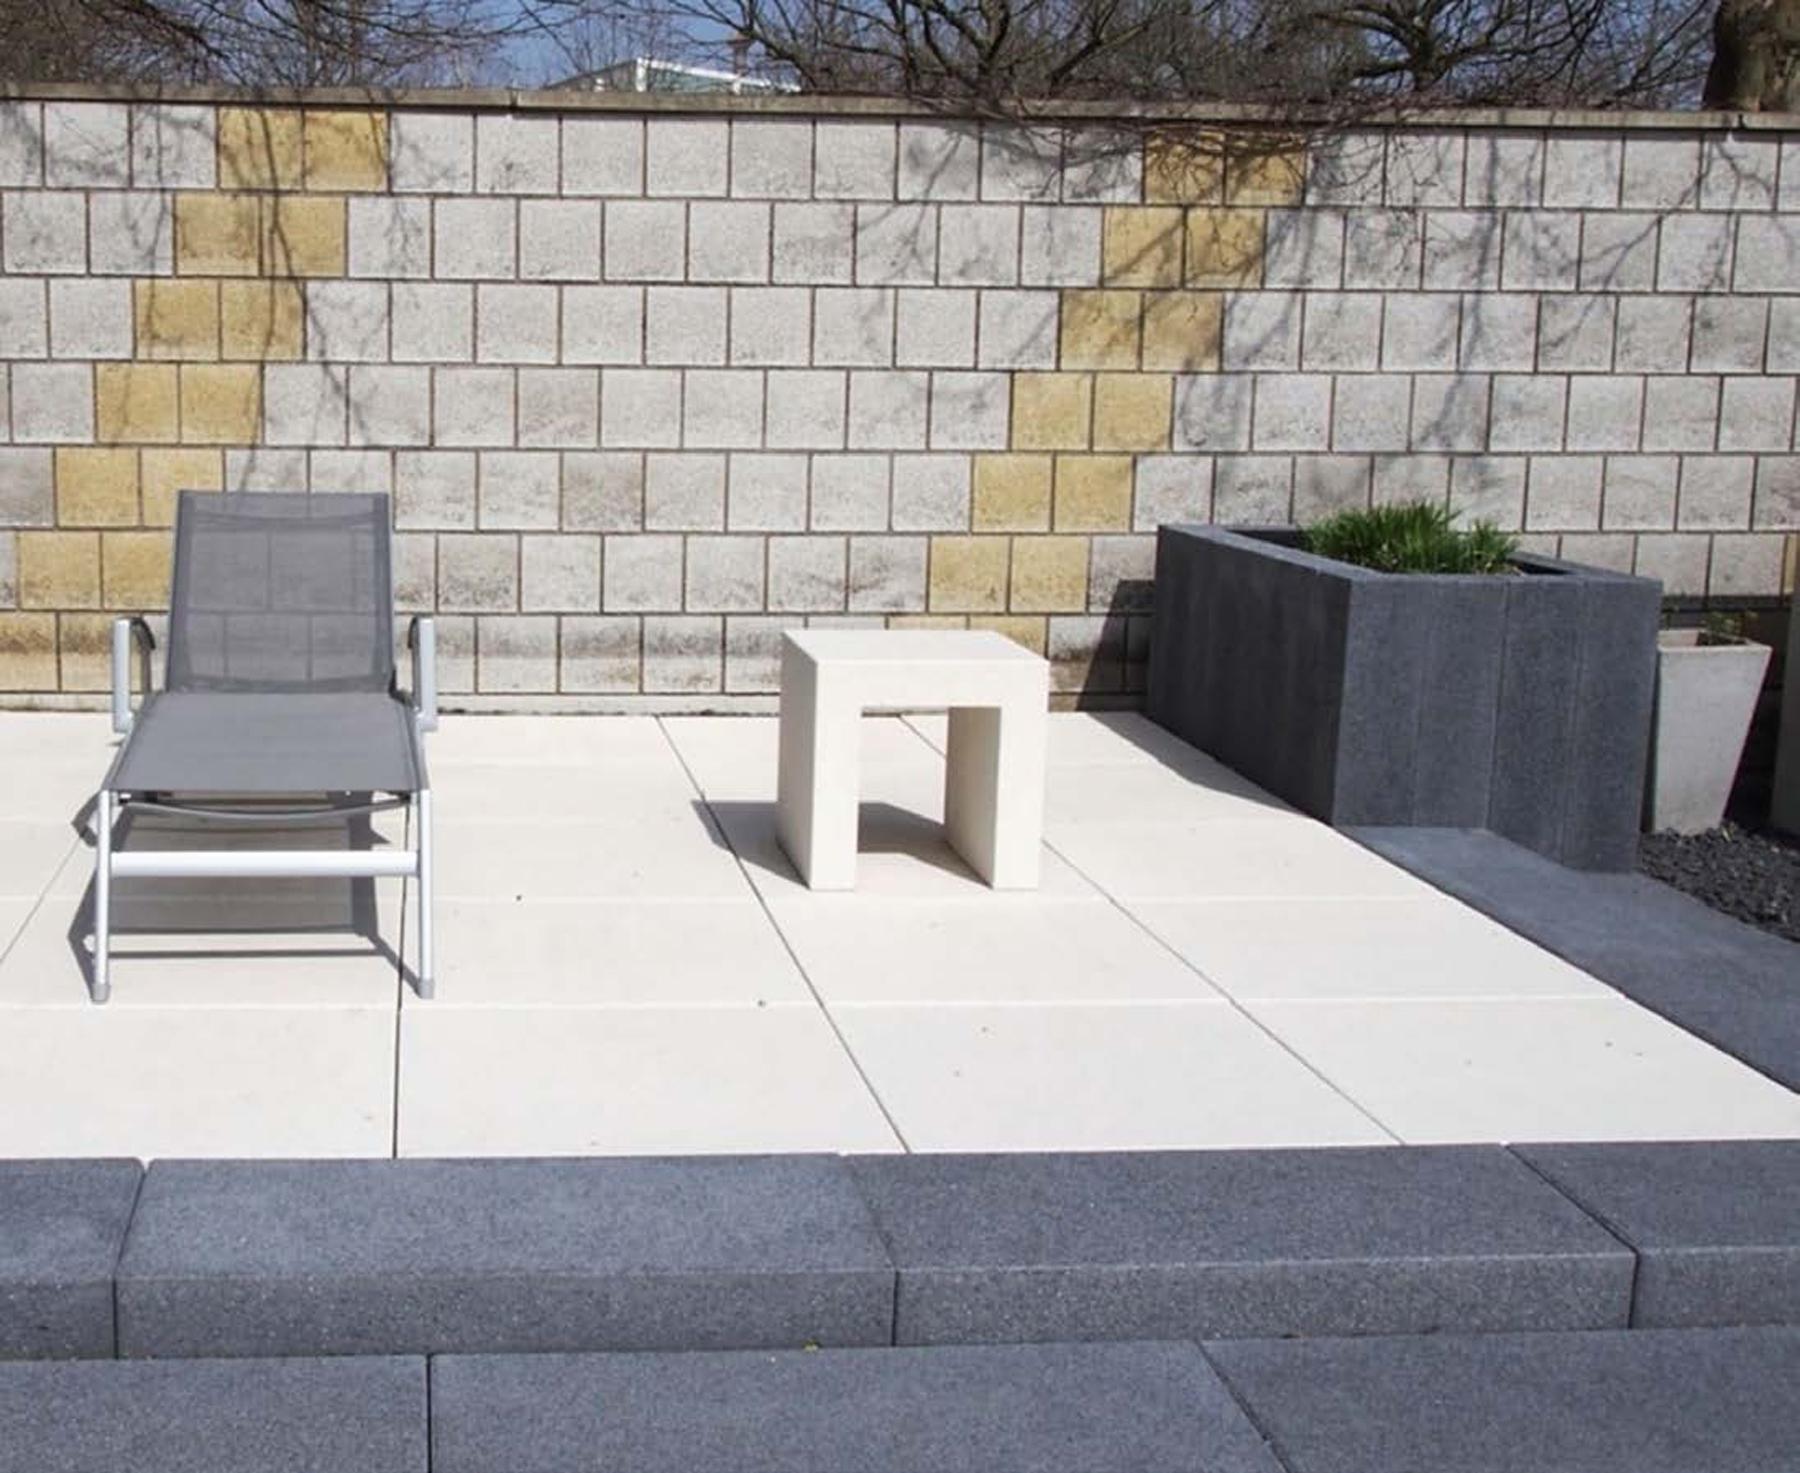 Produit Nettoyage Dalle Terrasse l'entretien des terrasses de pierre en plein air est tout un